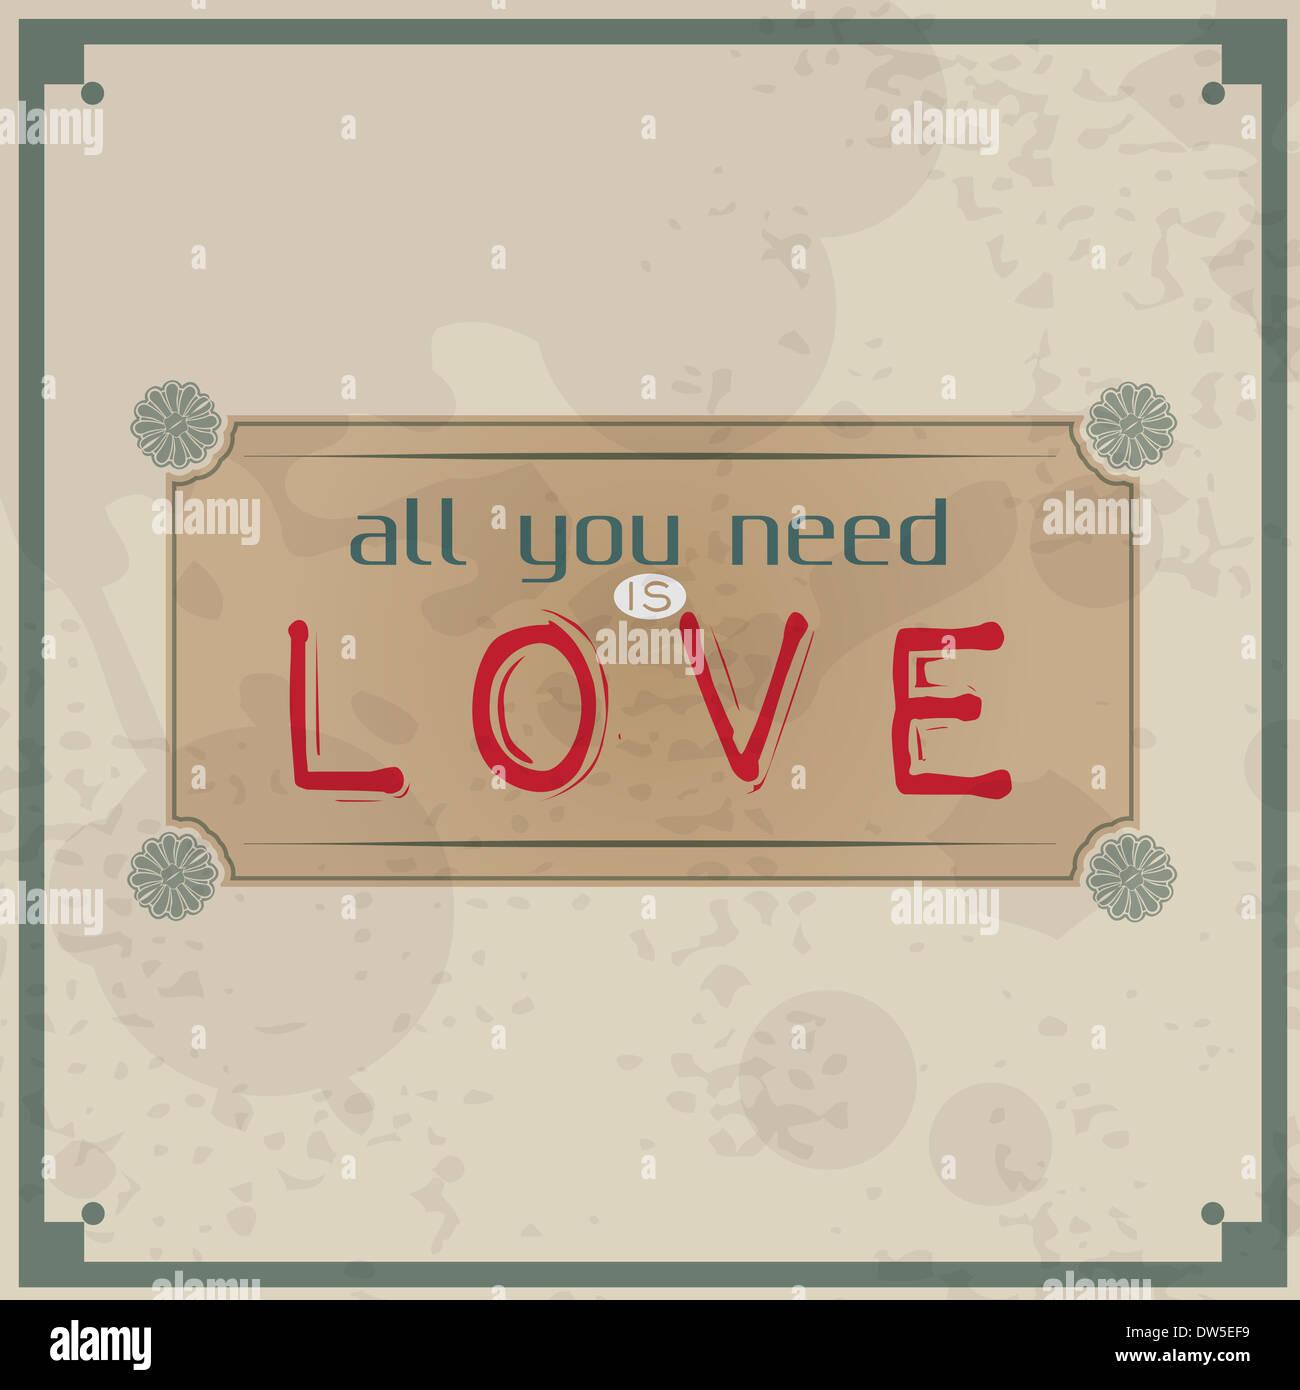 Tout ce qu'il vous faut, c'est l'amour. Vintage fond typographique. Citation de motivation. Étiquette rétro avec éléments calligraphiques Banque D'Images